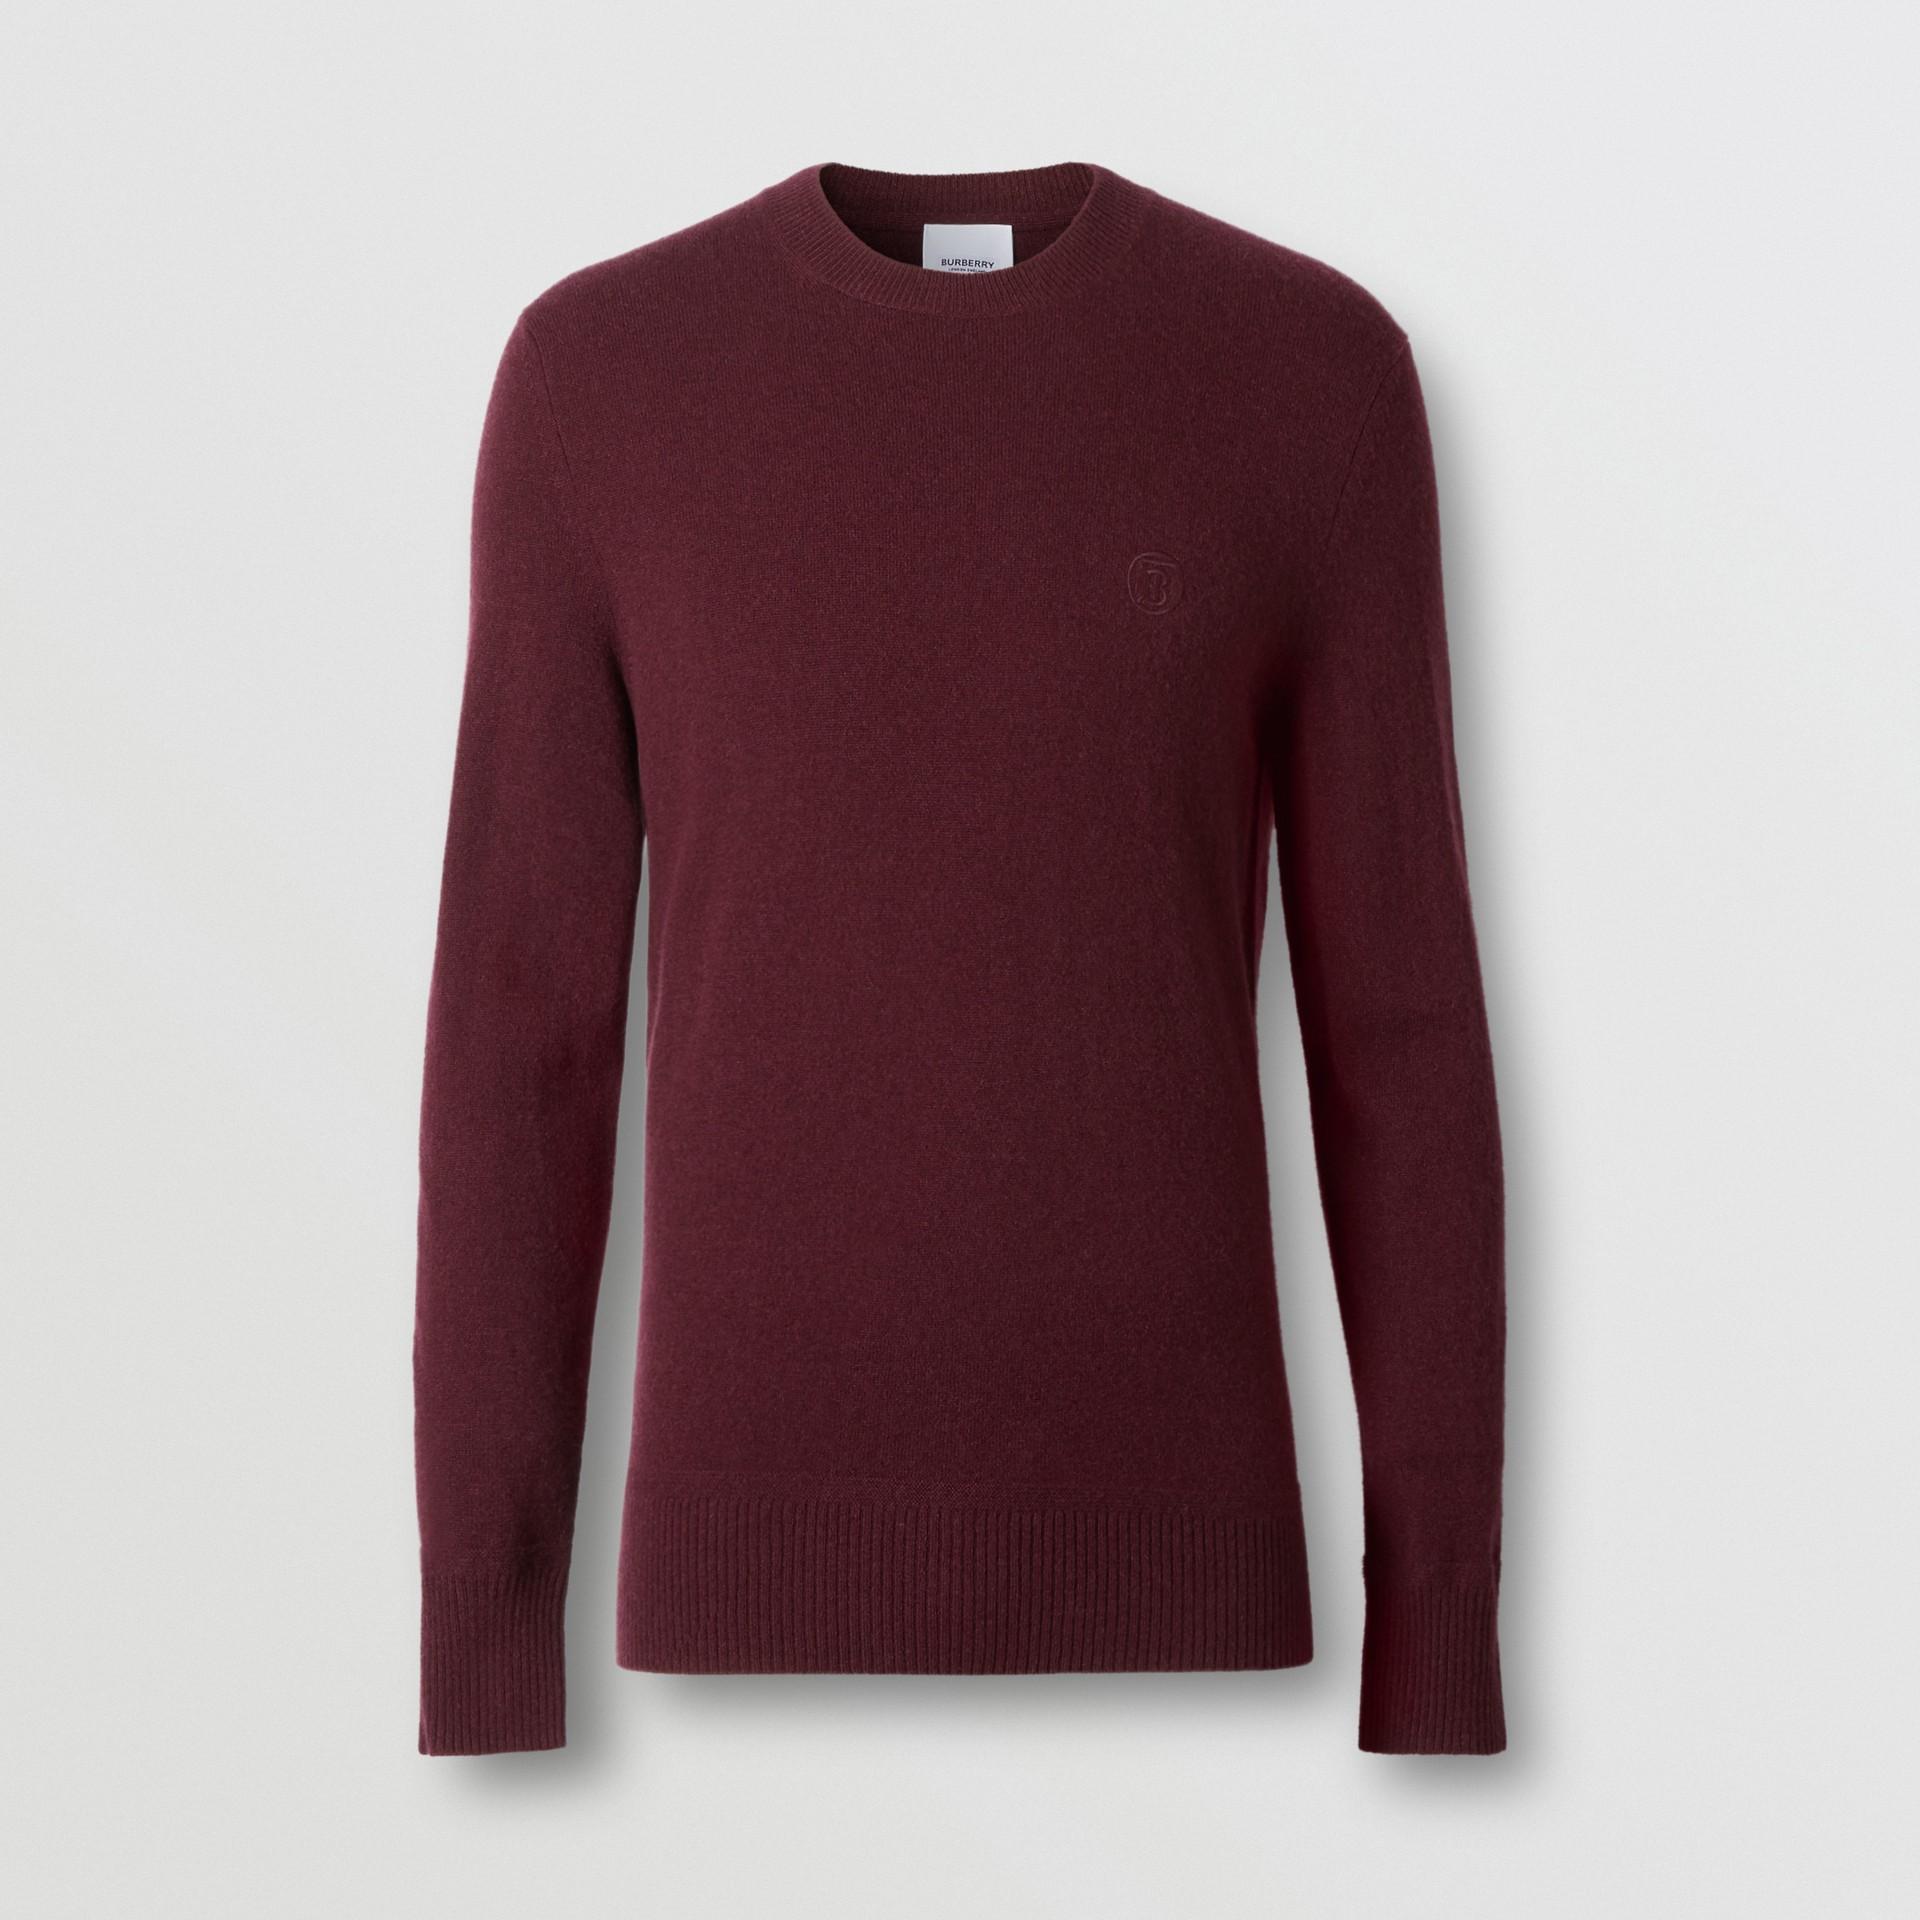 모노그램 모티프 캐시미어 스웨터 (버건디) - 남성 | Burberry - 갤러리 이미지 3